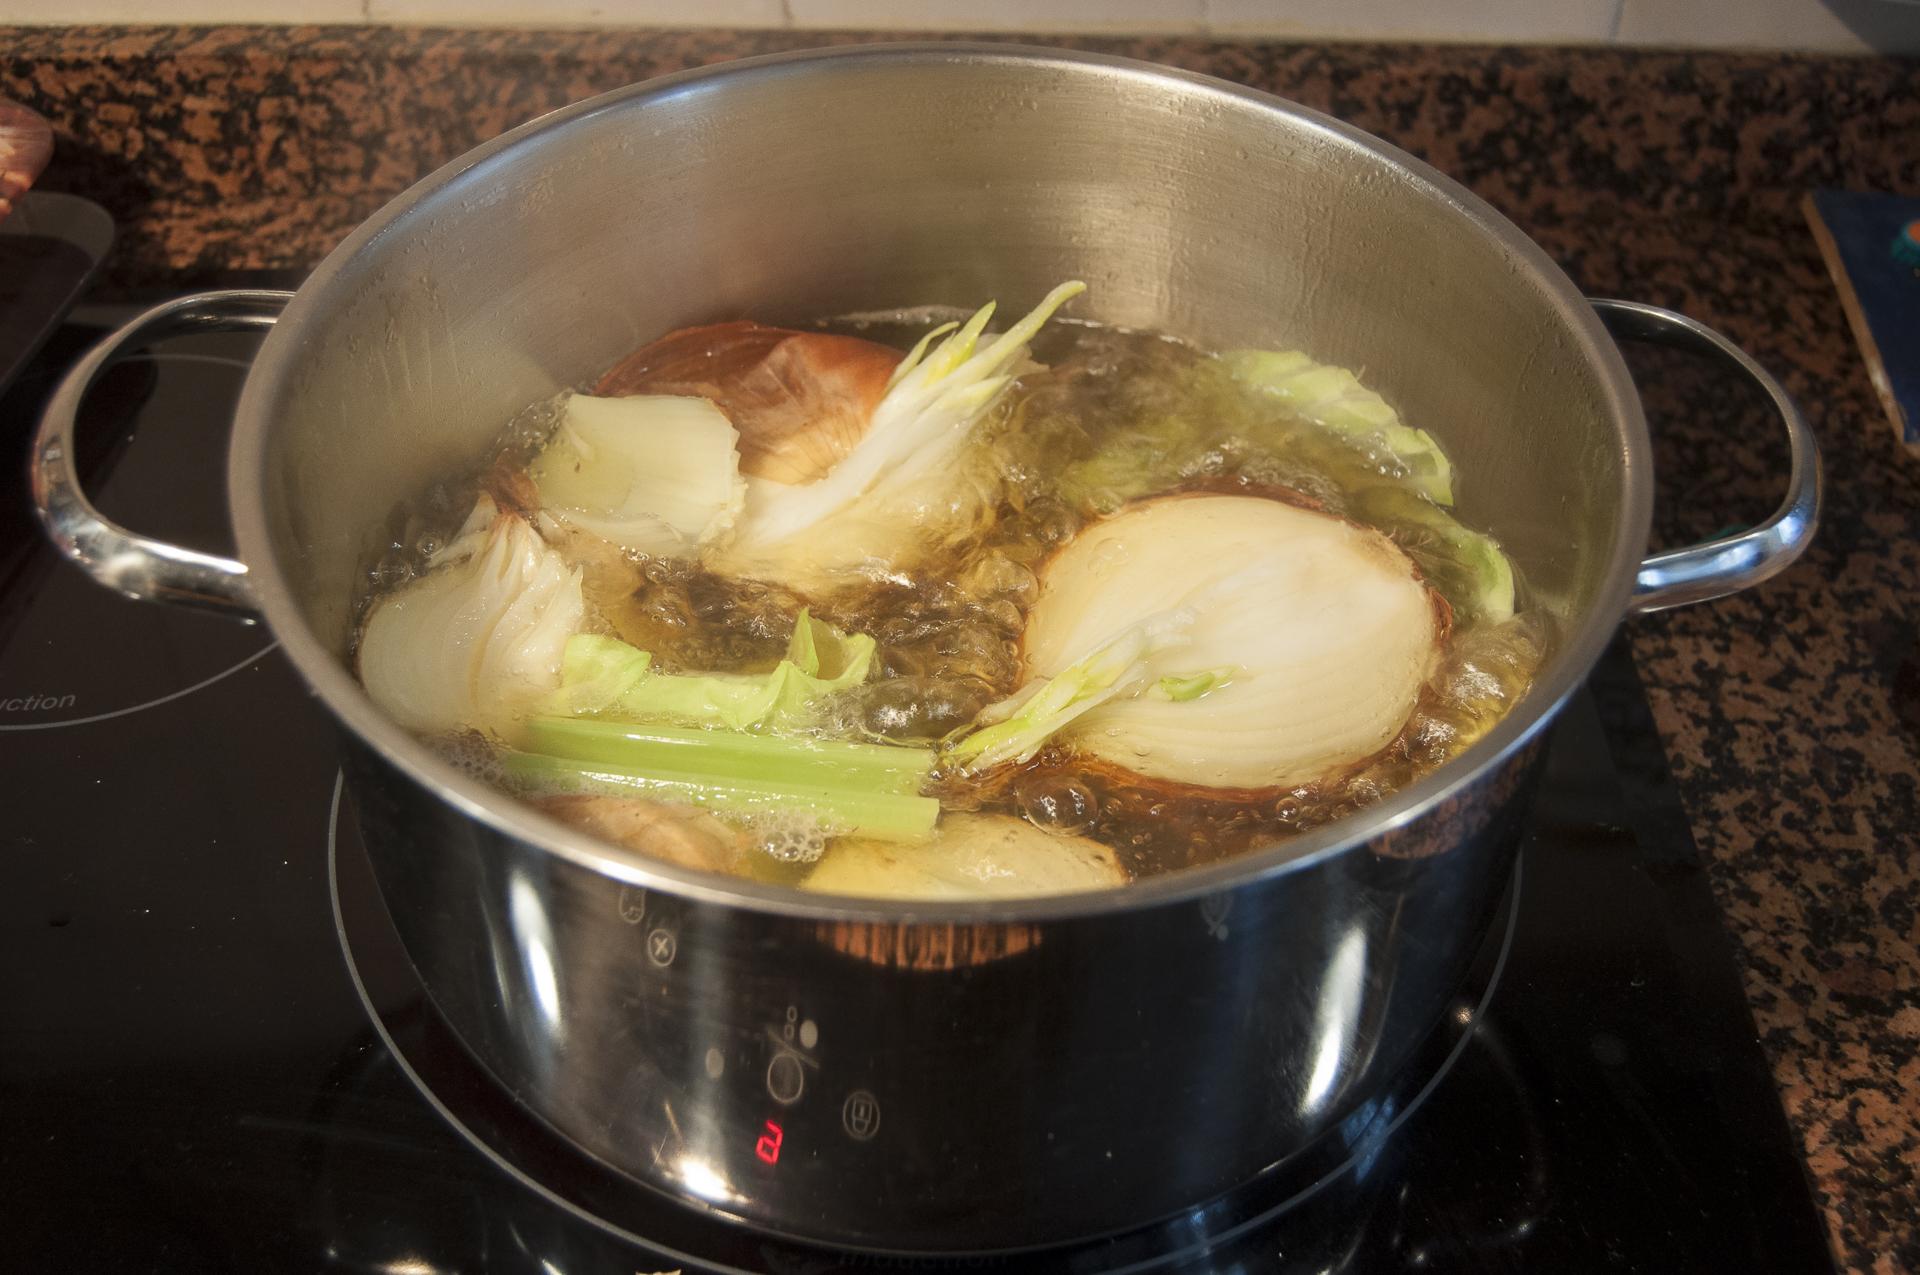 Cocinando receta caldo de cebolla